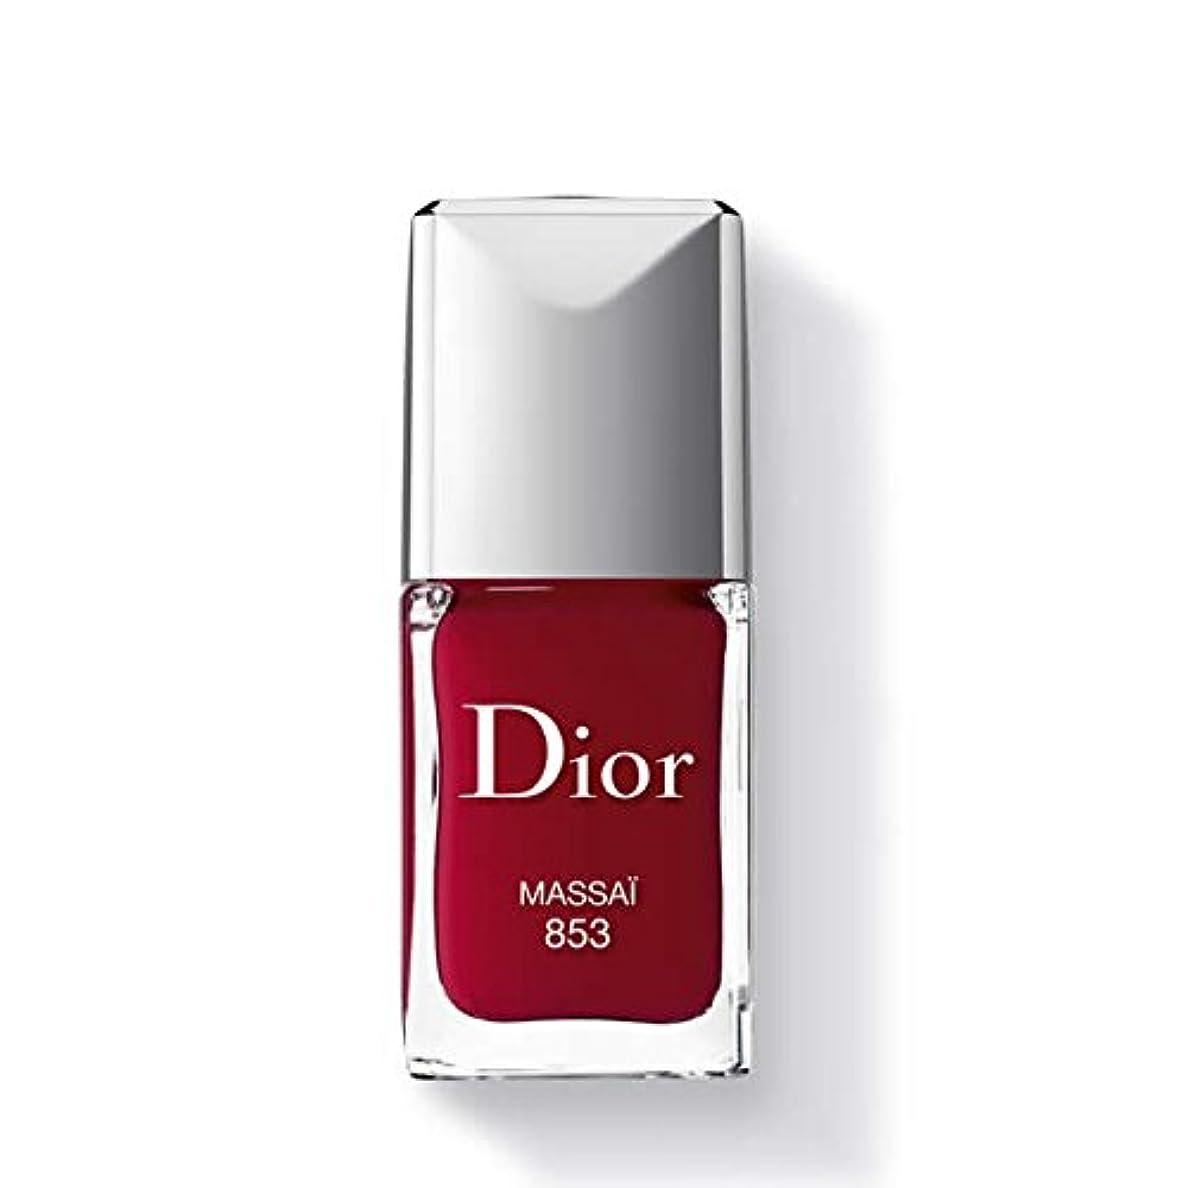 カテナ返済定期的Dior ディオールヴェルニ #853 マサイ 10ml [207997] [並行輸入品]